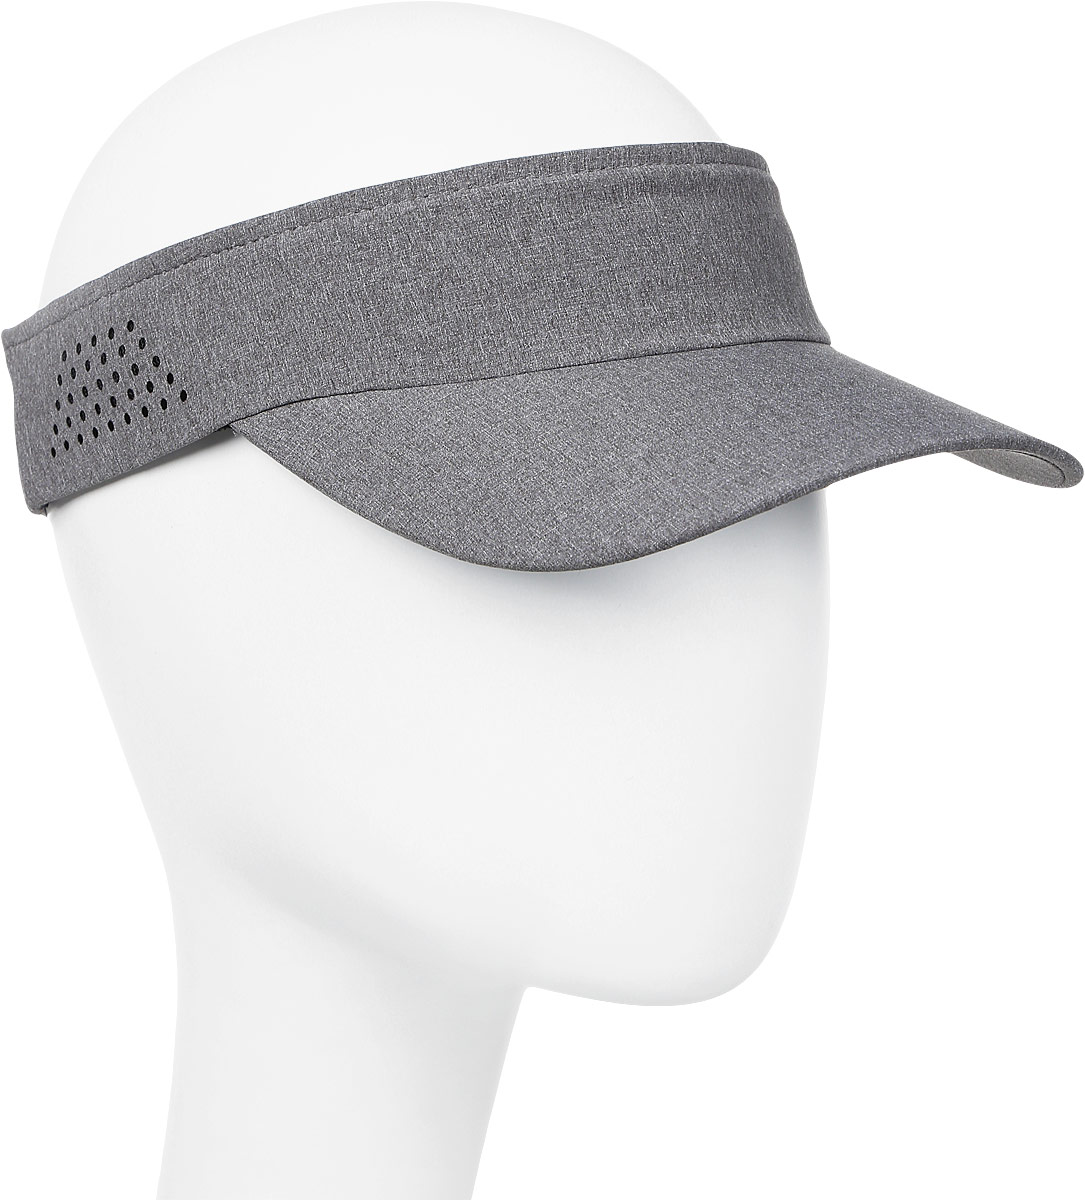 Козырек мужской Asics Visor Performance, цвет: серый. 155012-0720. Размер универсальный козырек к шлему fox metah visor белый пластик 17143 008 os